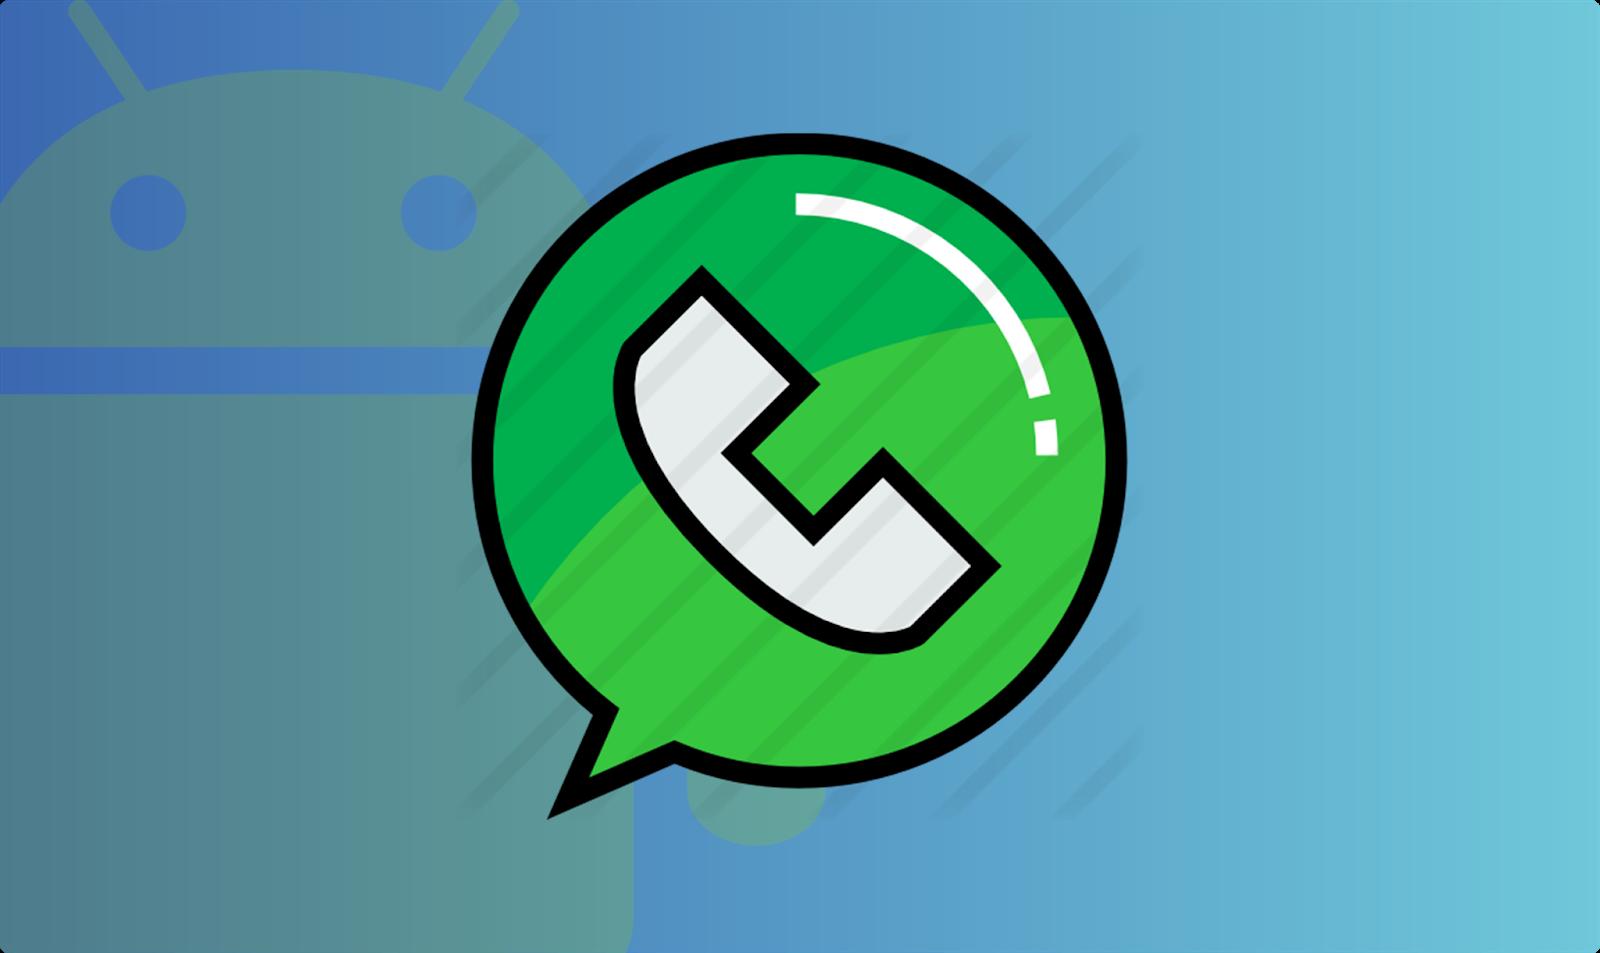 cara membuat tulisan unik di whatsapp tanpa aplikasi